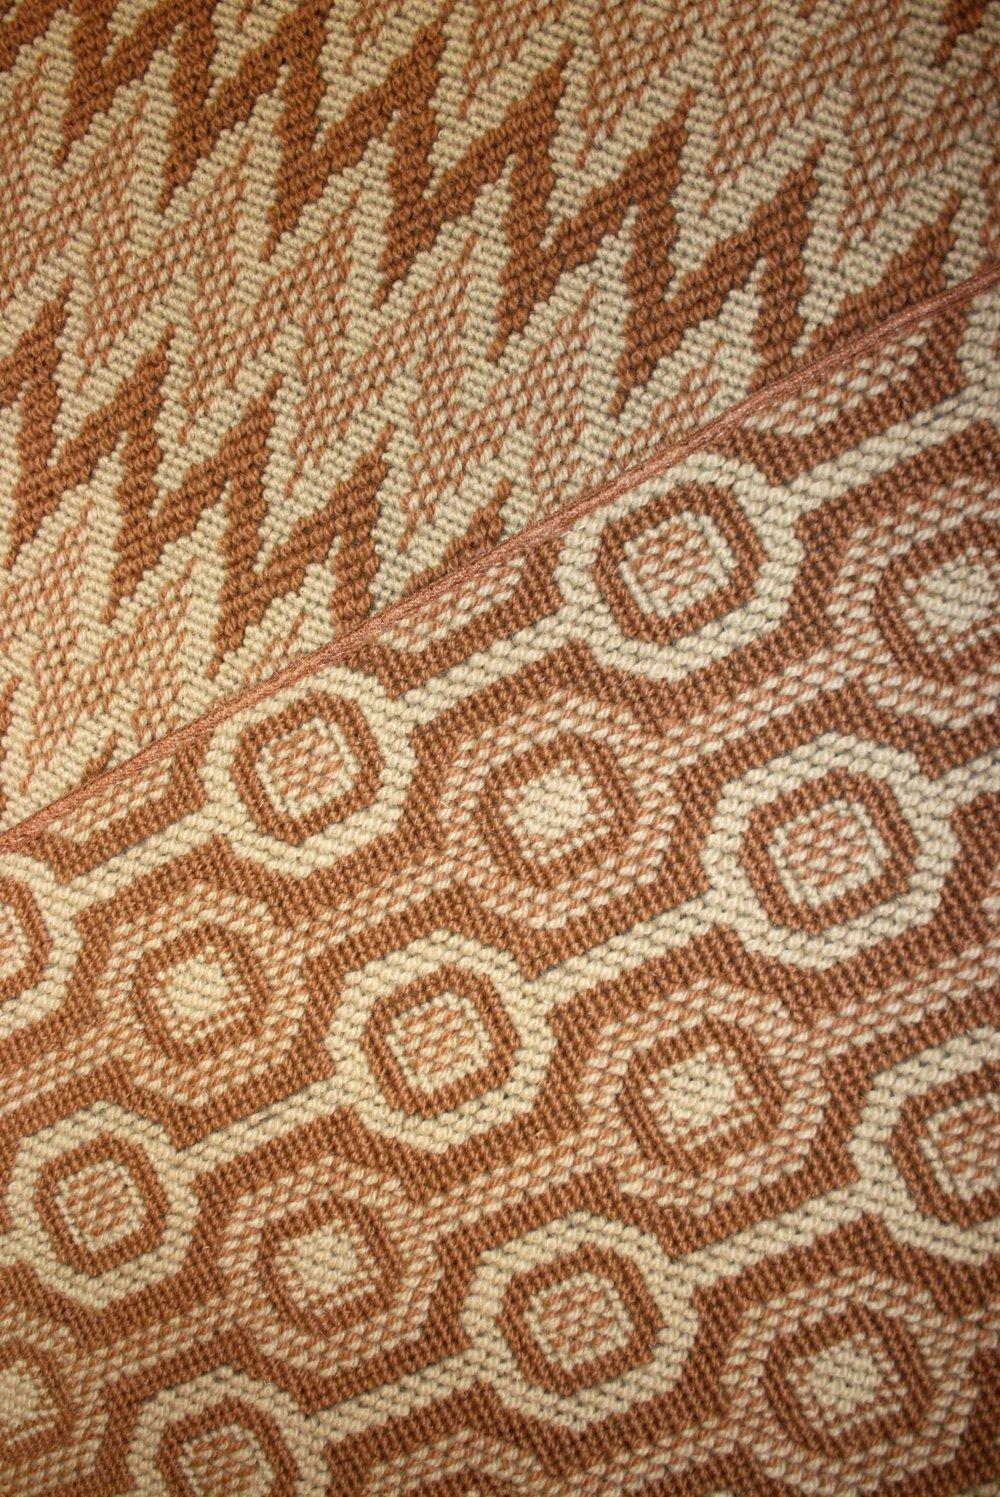 Orange and neutral geometric wool carpet